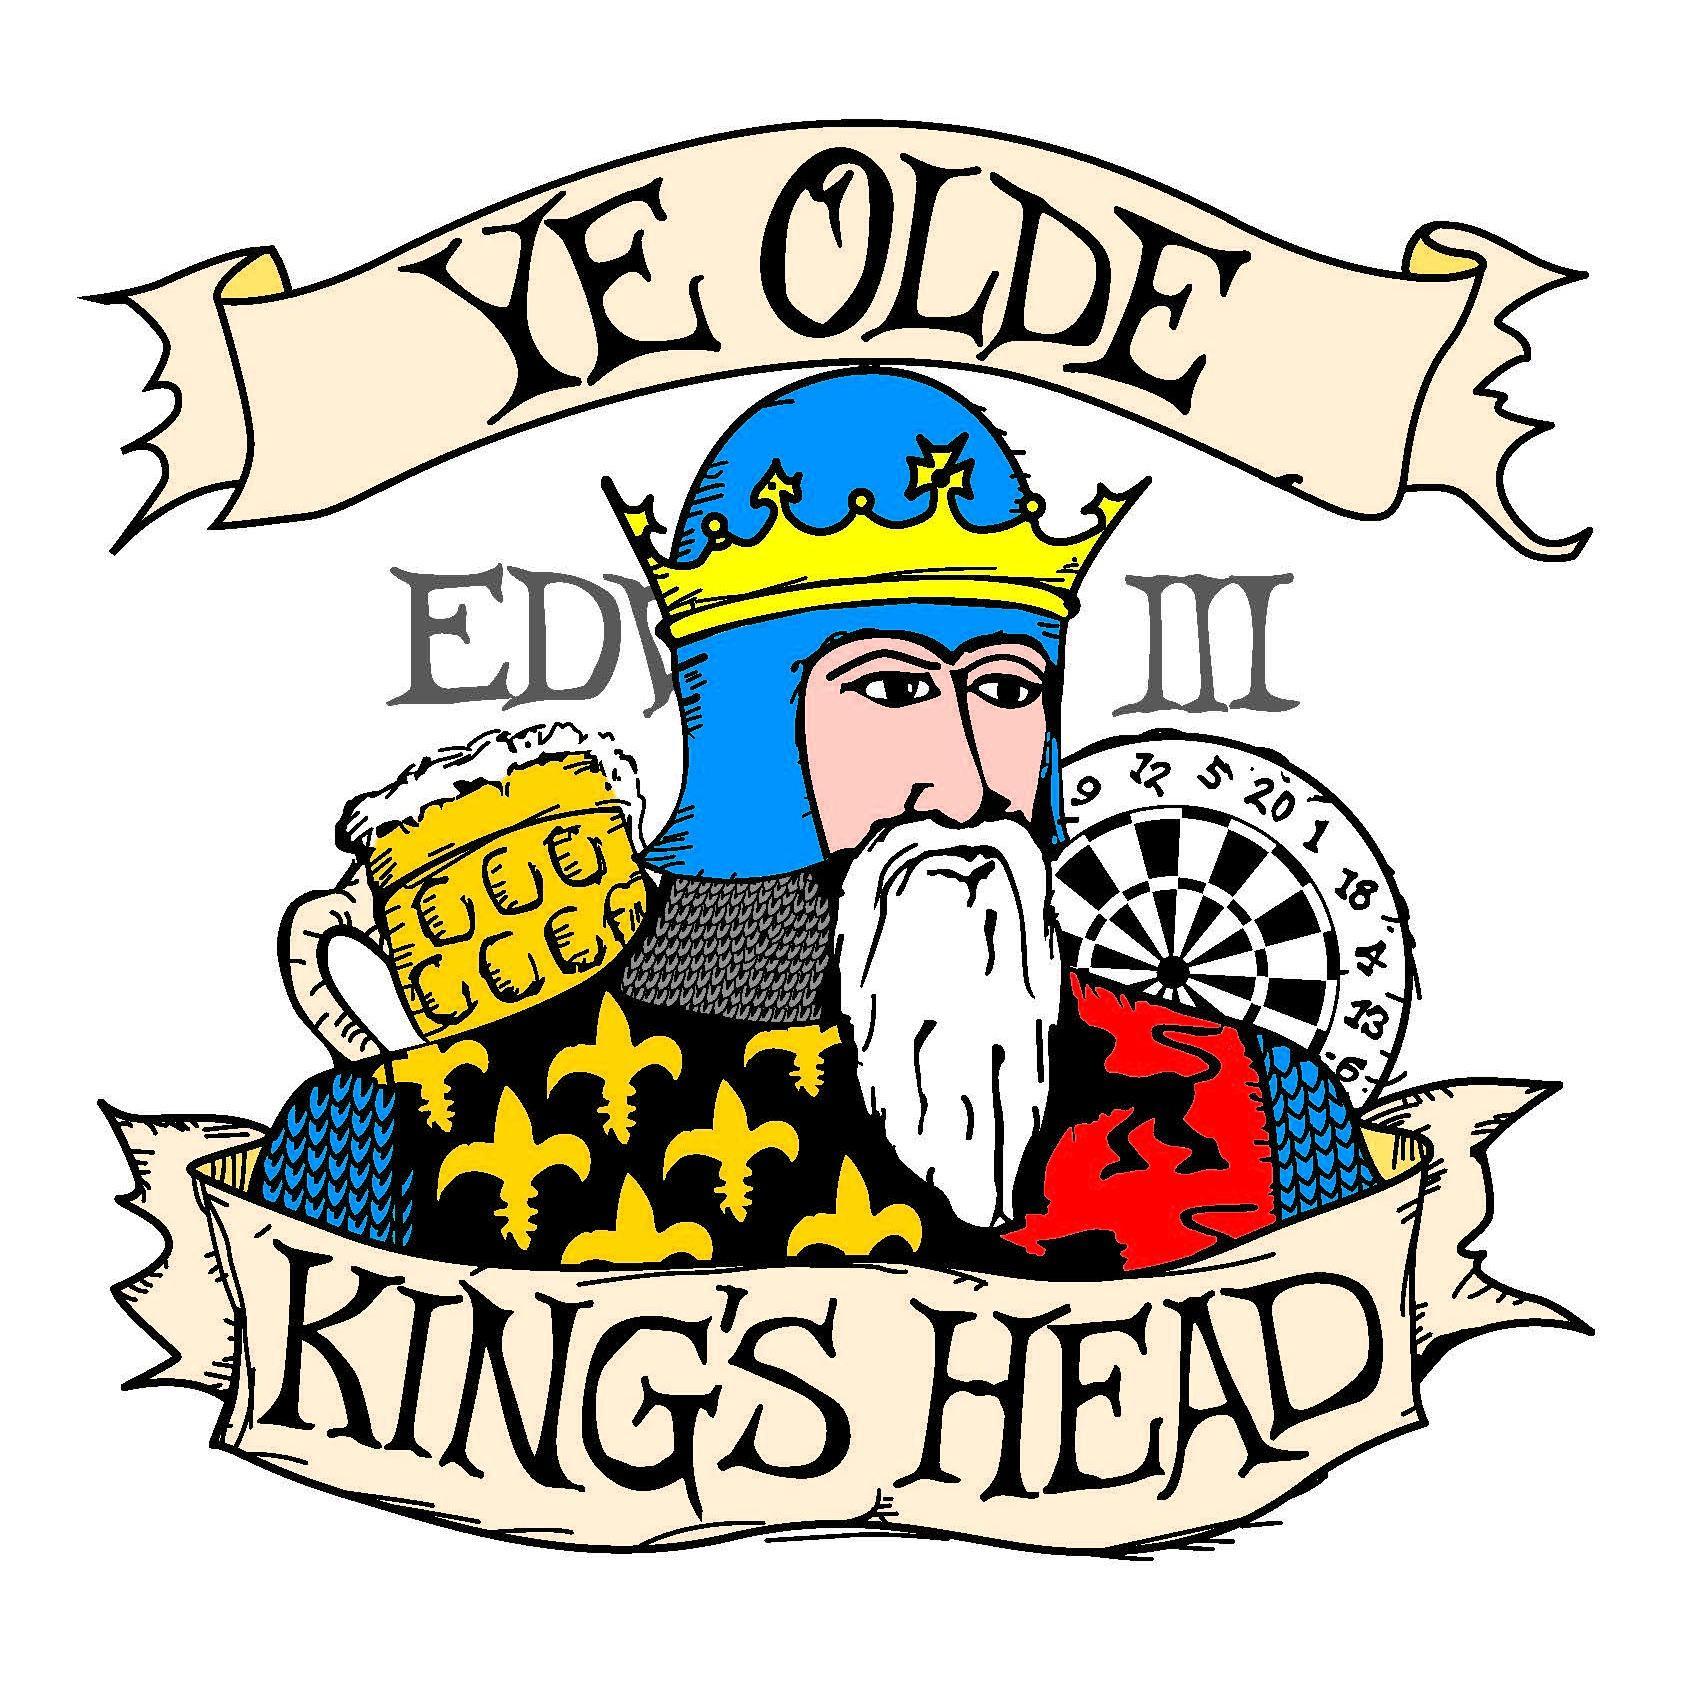 Ye Olde Kings Head